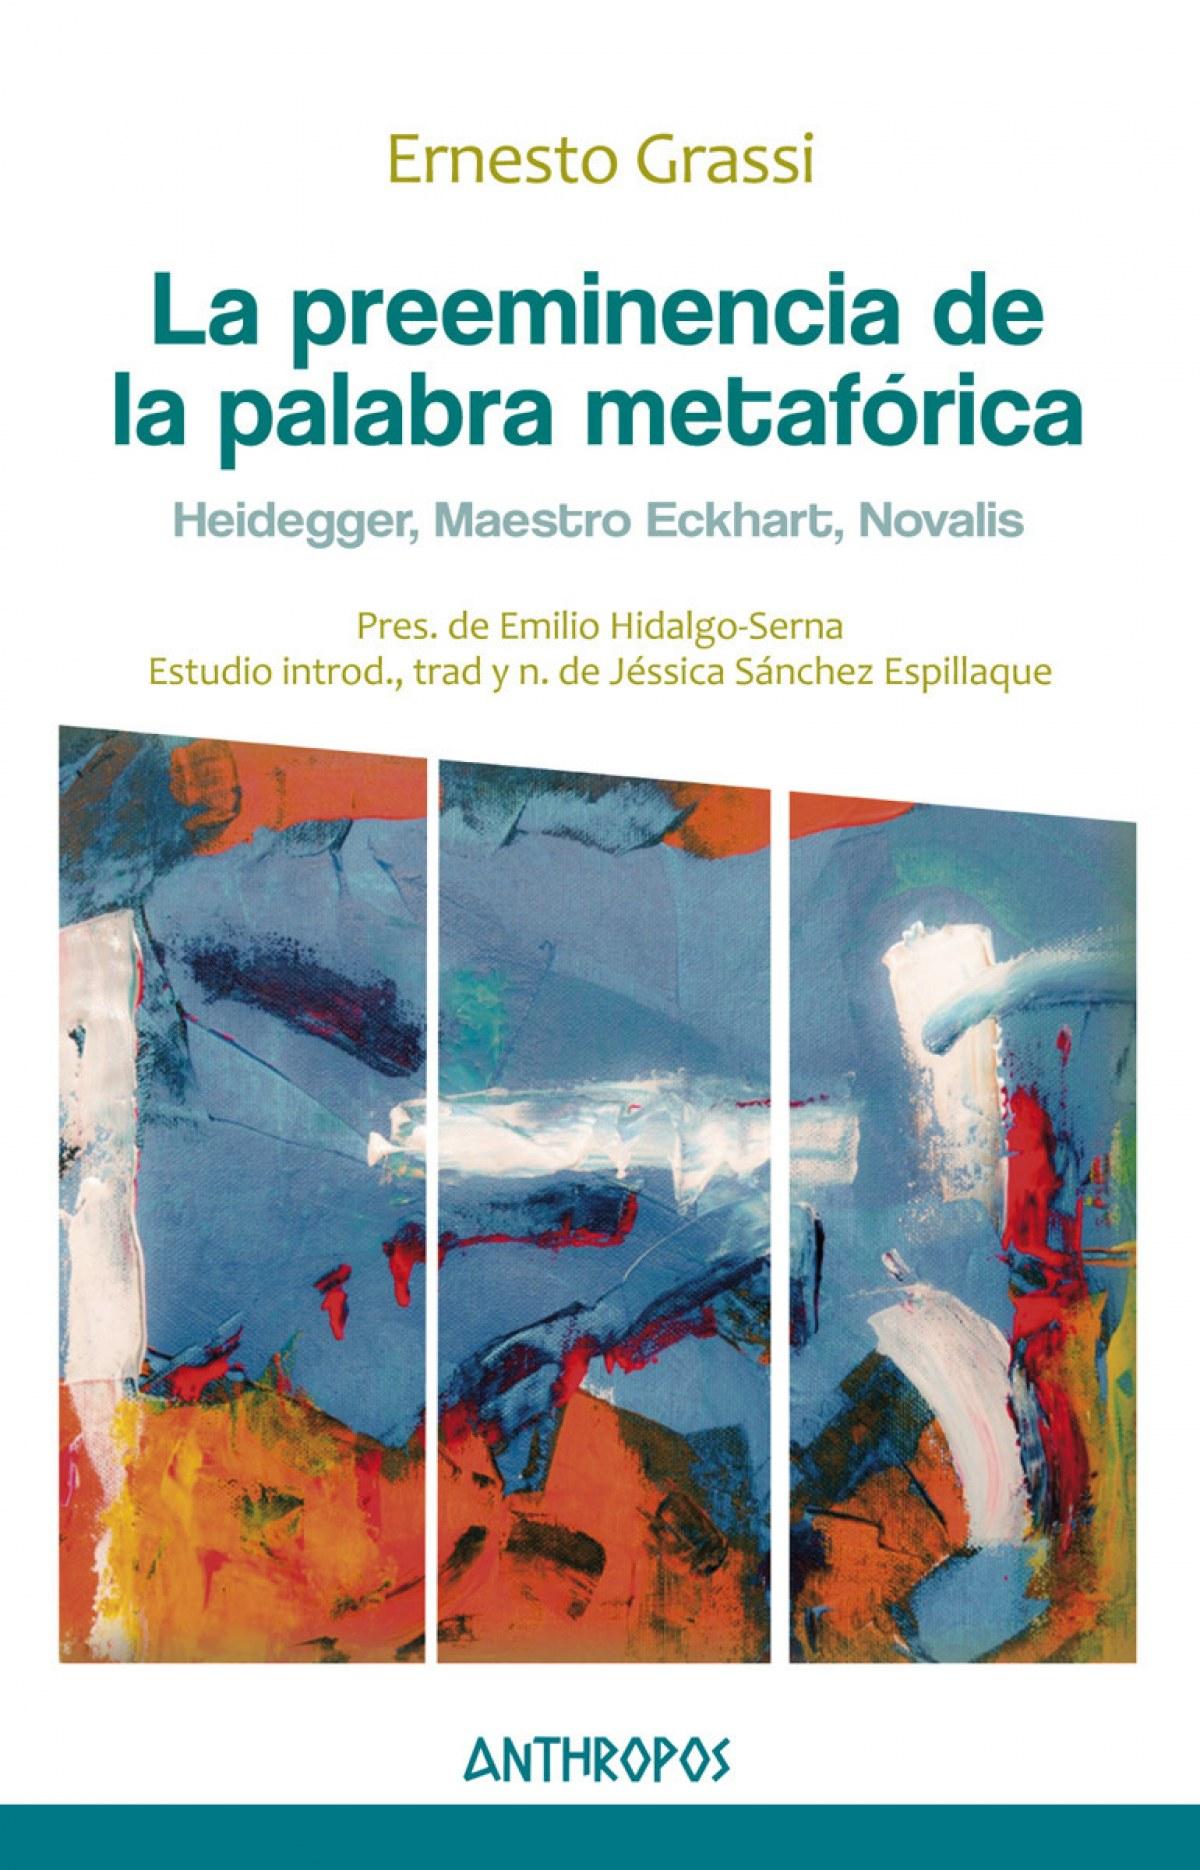 LA PREEMINENCIA DE LA PALABRA METAFÓRICA